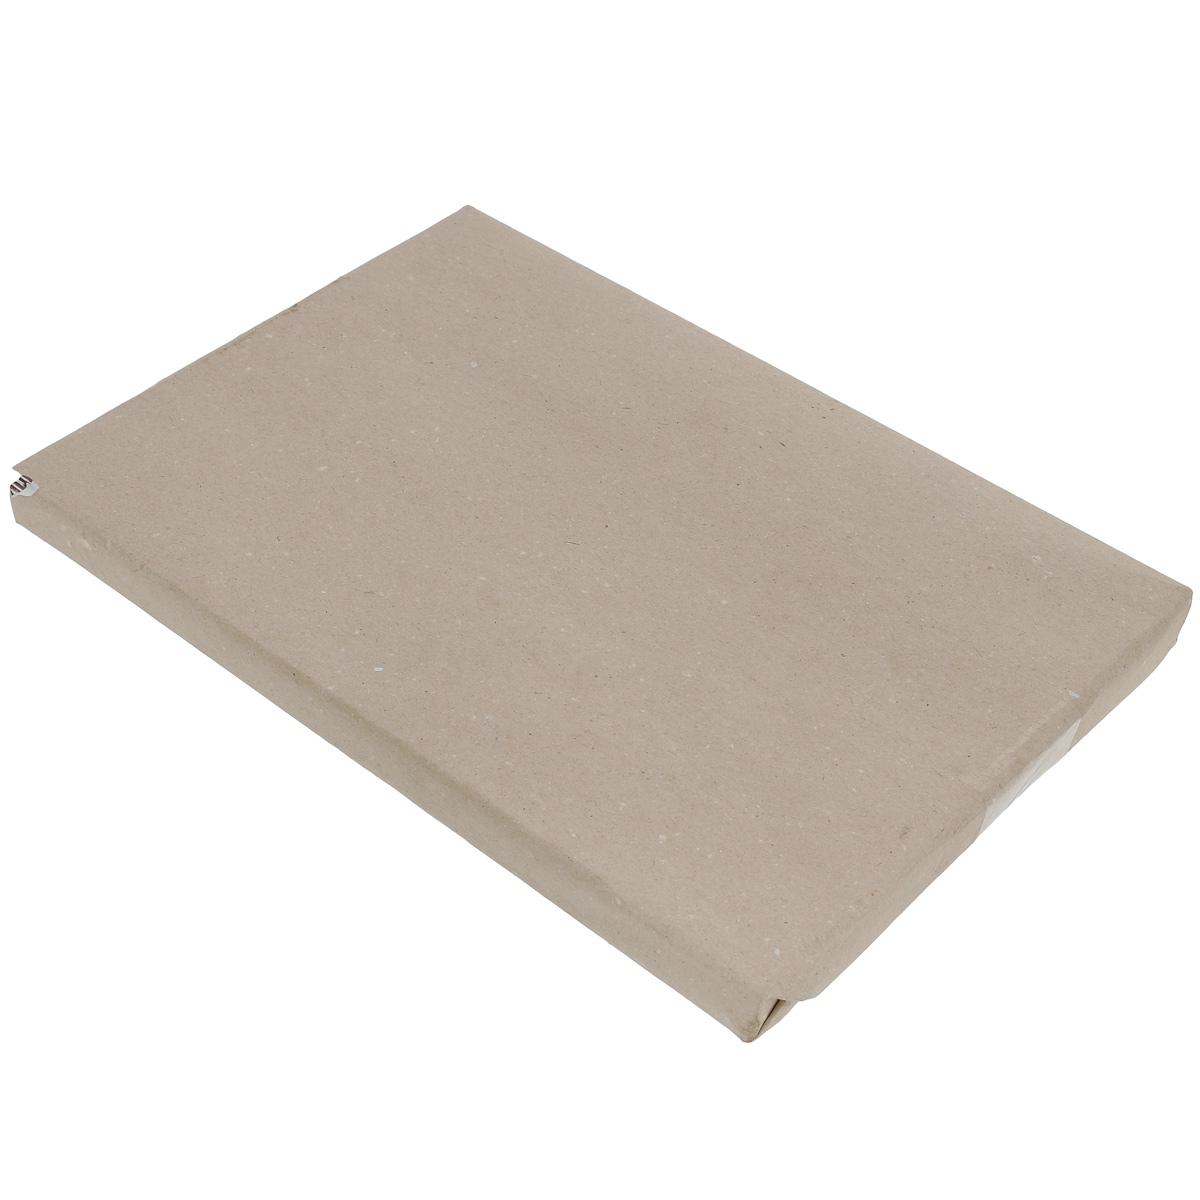 Бумага для черчения Гознак, 100 листов, формат А4. БЧ-0552БЧ-0552Бумага для черчения Гознак идеально подходит для любых чертежно-графических работ. Высококачественная бумага пригодна как для работы тушью, так и карандашами, допускает пользование ластиком. Поверхность бумаги после многократных подчисток ластиком не скатывается под карандашом и сохраняет свою белизну. В комплекте 100 листов формата А4.